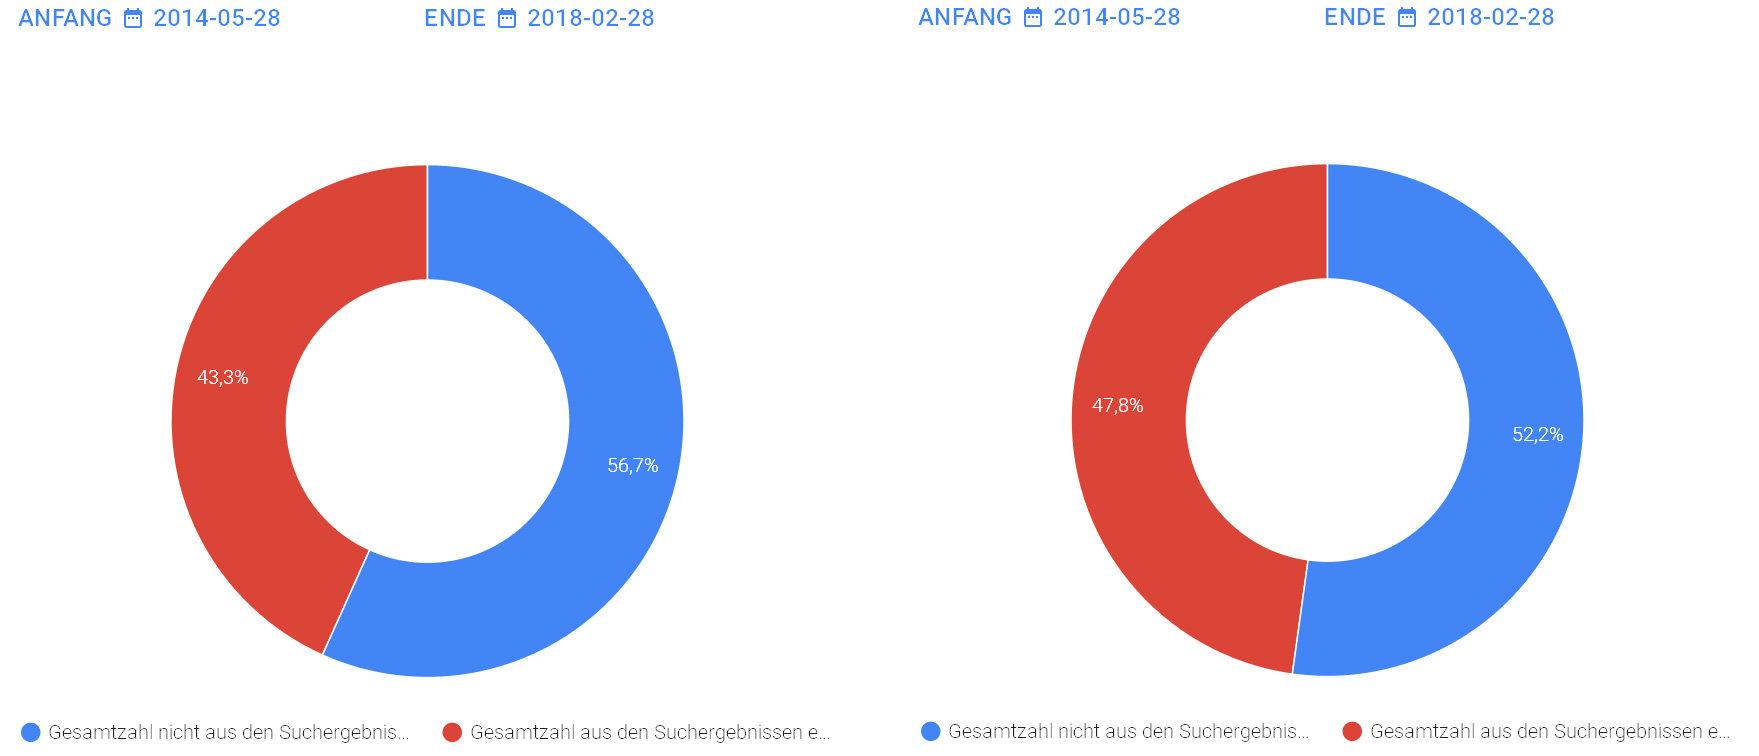 Angeforderte und durchgeführte URL-Löschen – EU und Deutschland